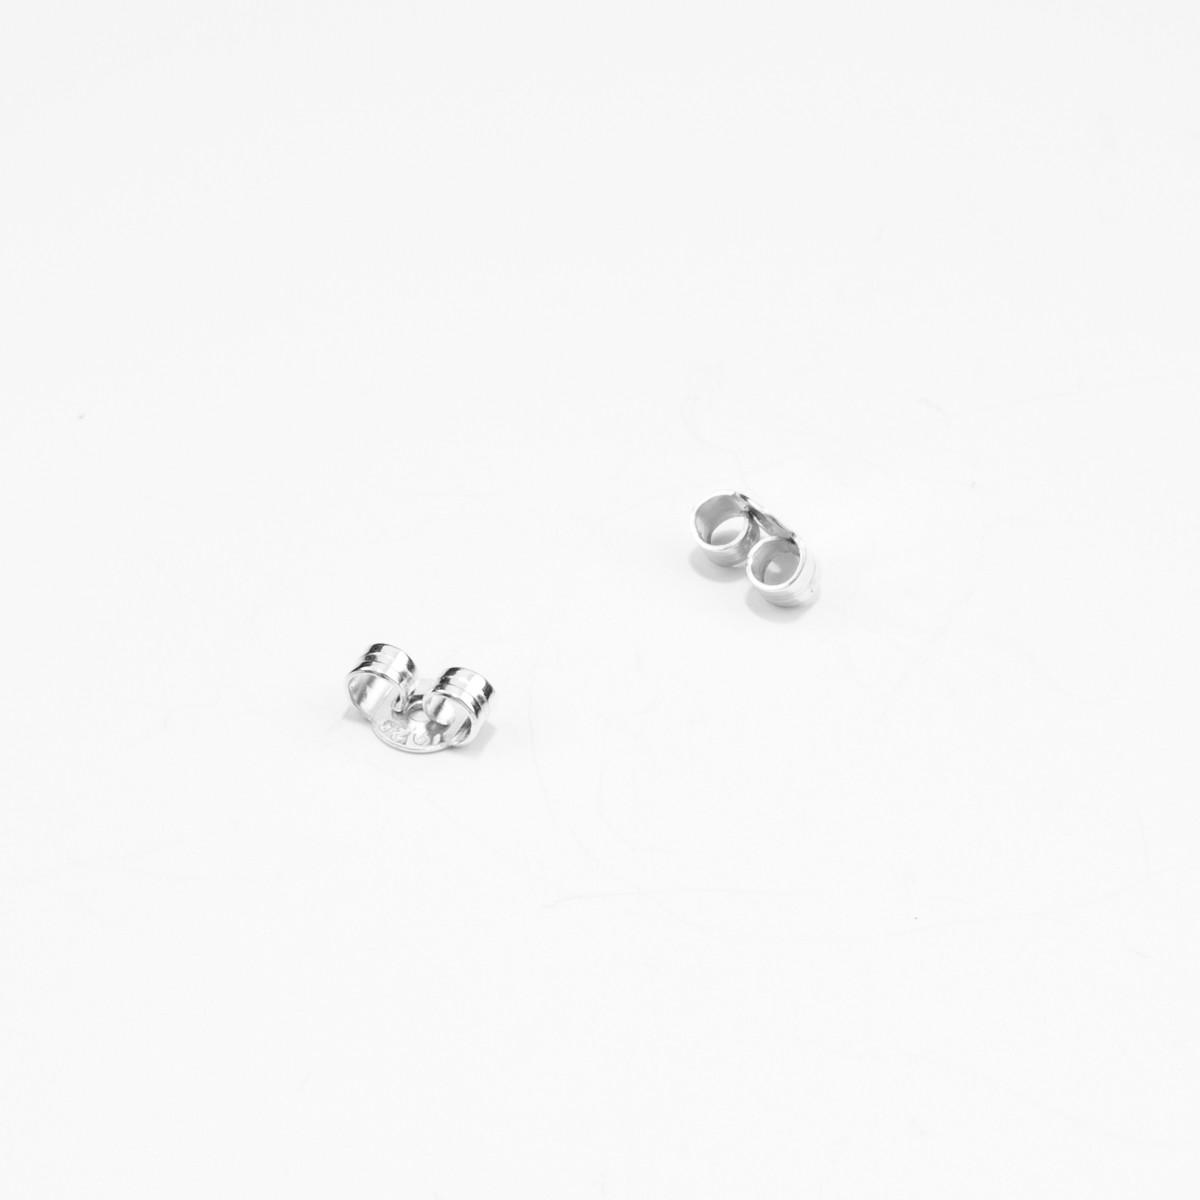 Jonathan Radetz Jewellery ,Stecker SPIRAL 30mm, Silber 925